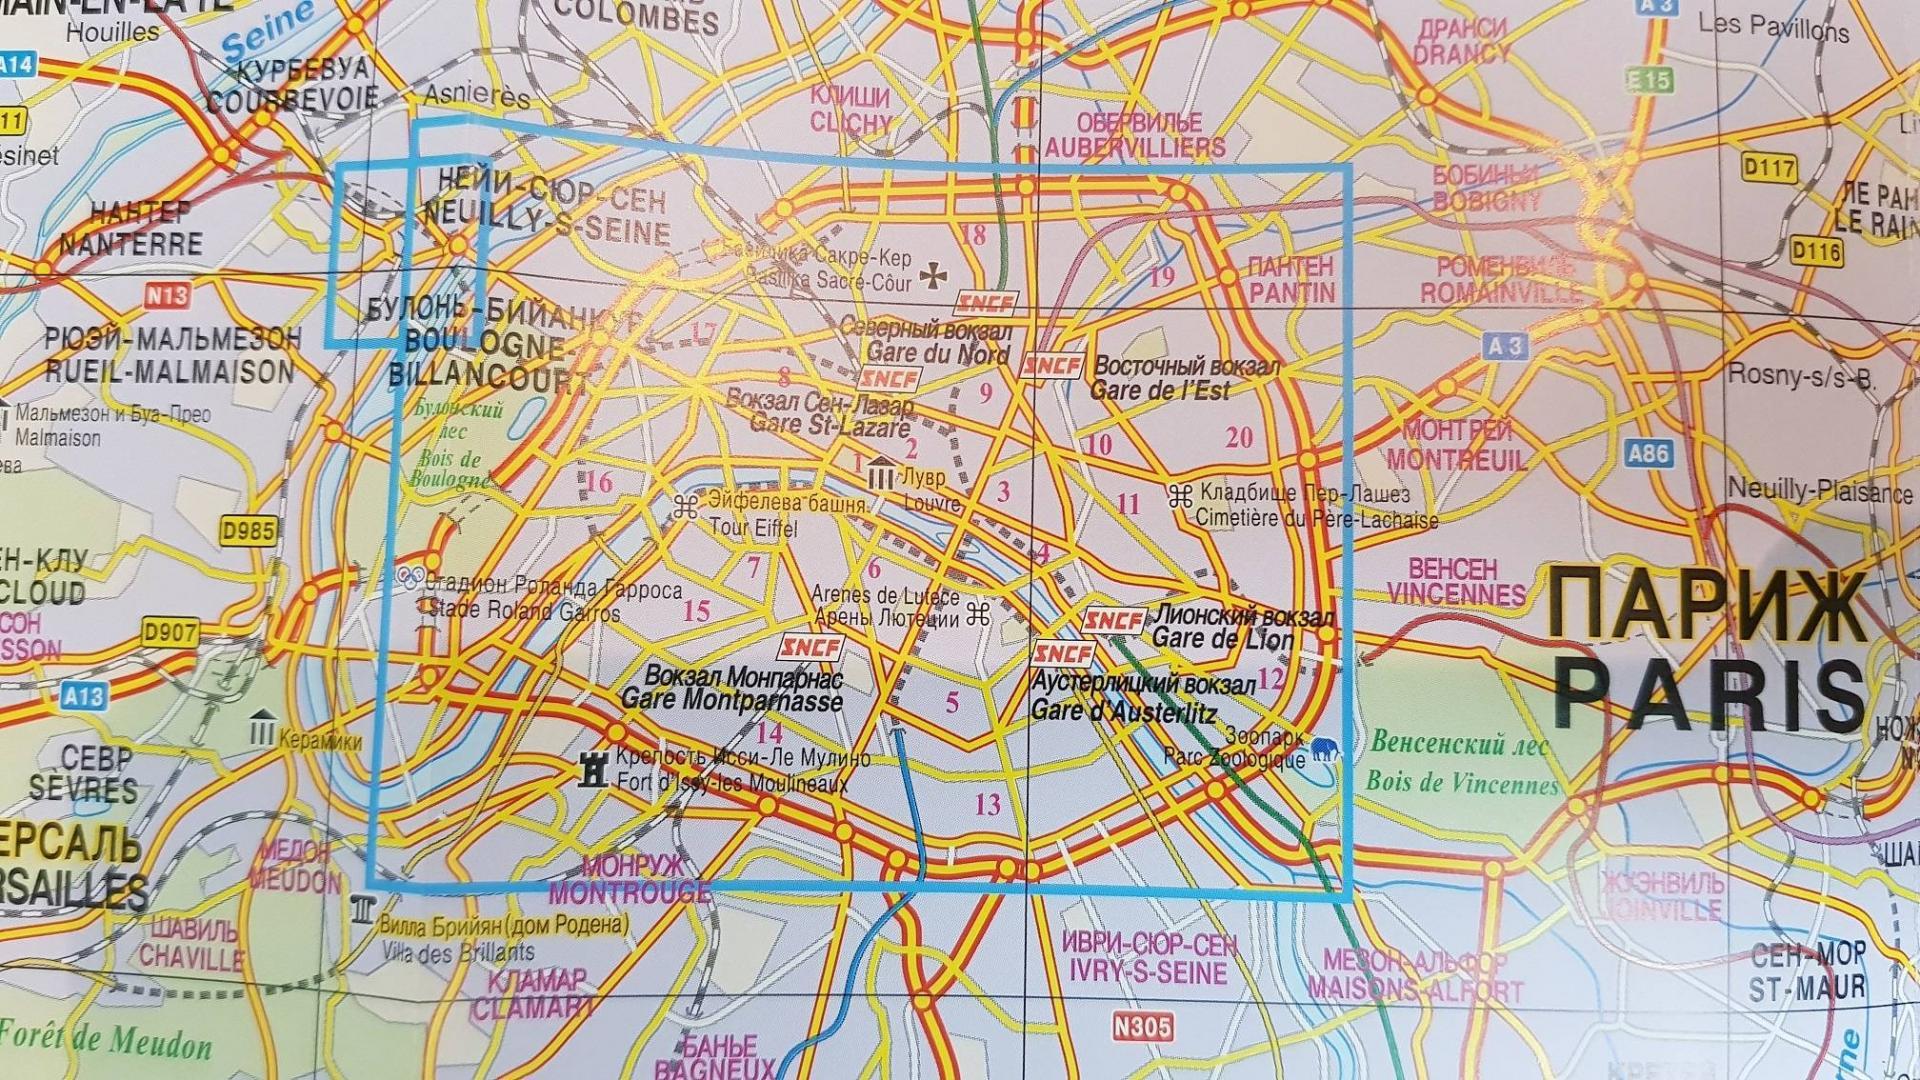 Иллюстрация 6 из 17 для Париж и пригороды. Автодорожная и туристическая карта города (на русском языке) | Лабиринт - книги. Источник: Lana Ap.